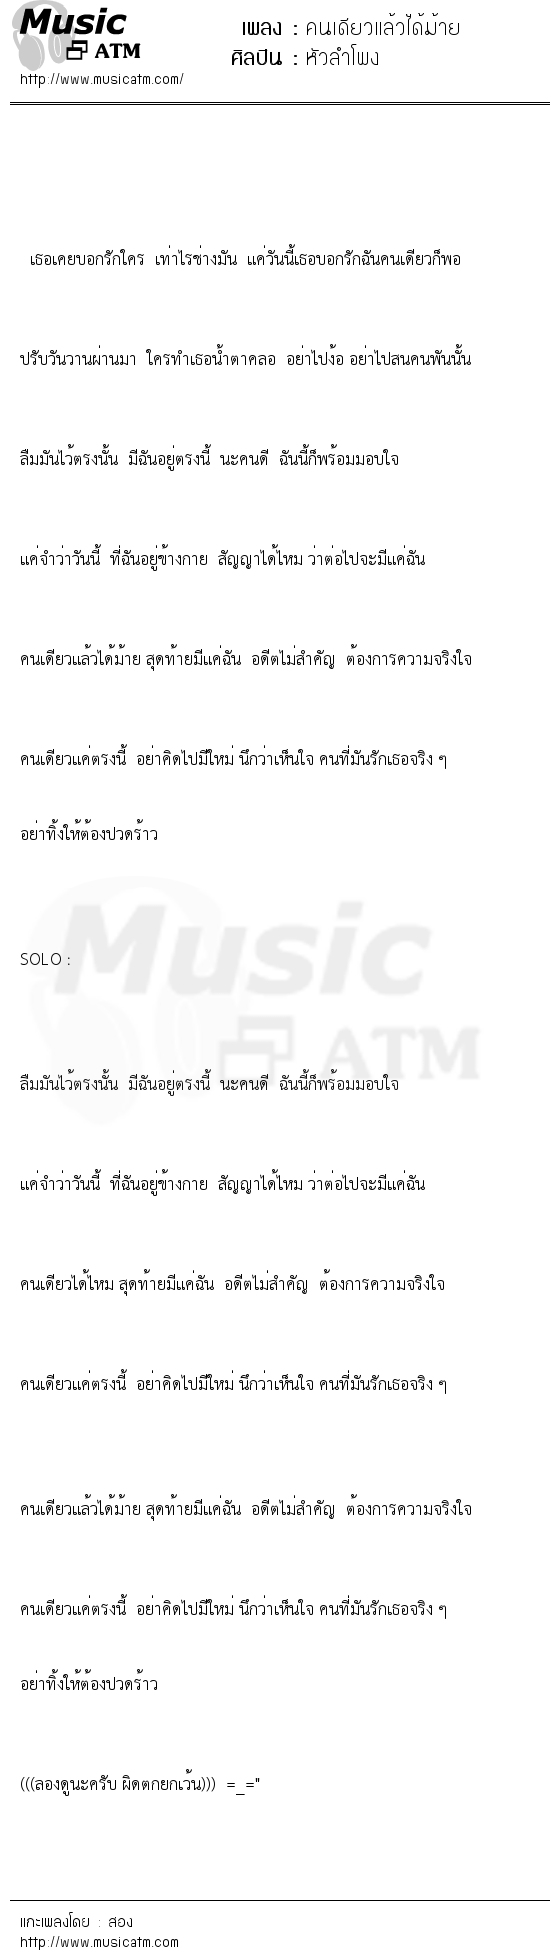 เนื้อเพลง คนเดียวแล้วได้ม้าย - หัวลำโพง   Popasia.net   เพลงไทย